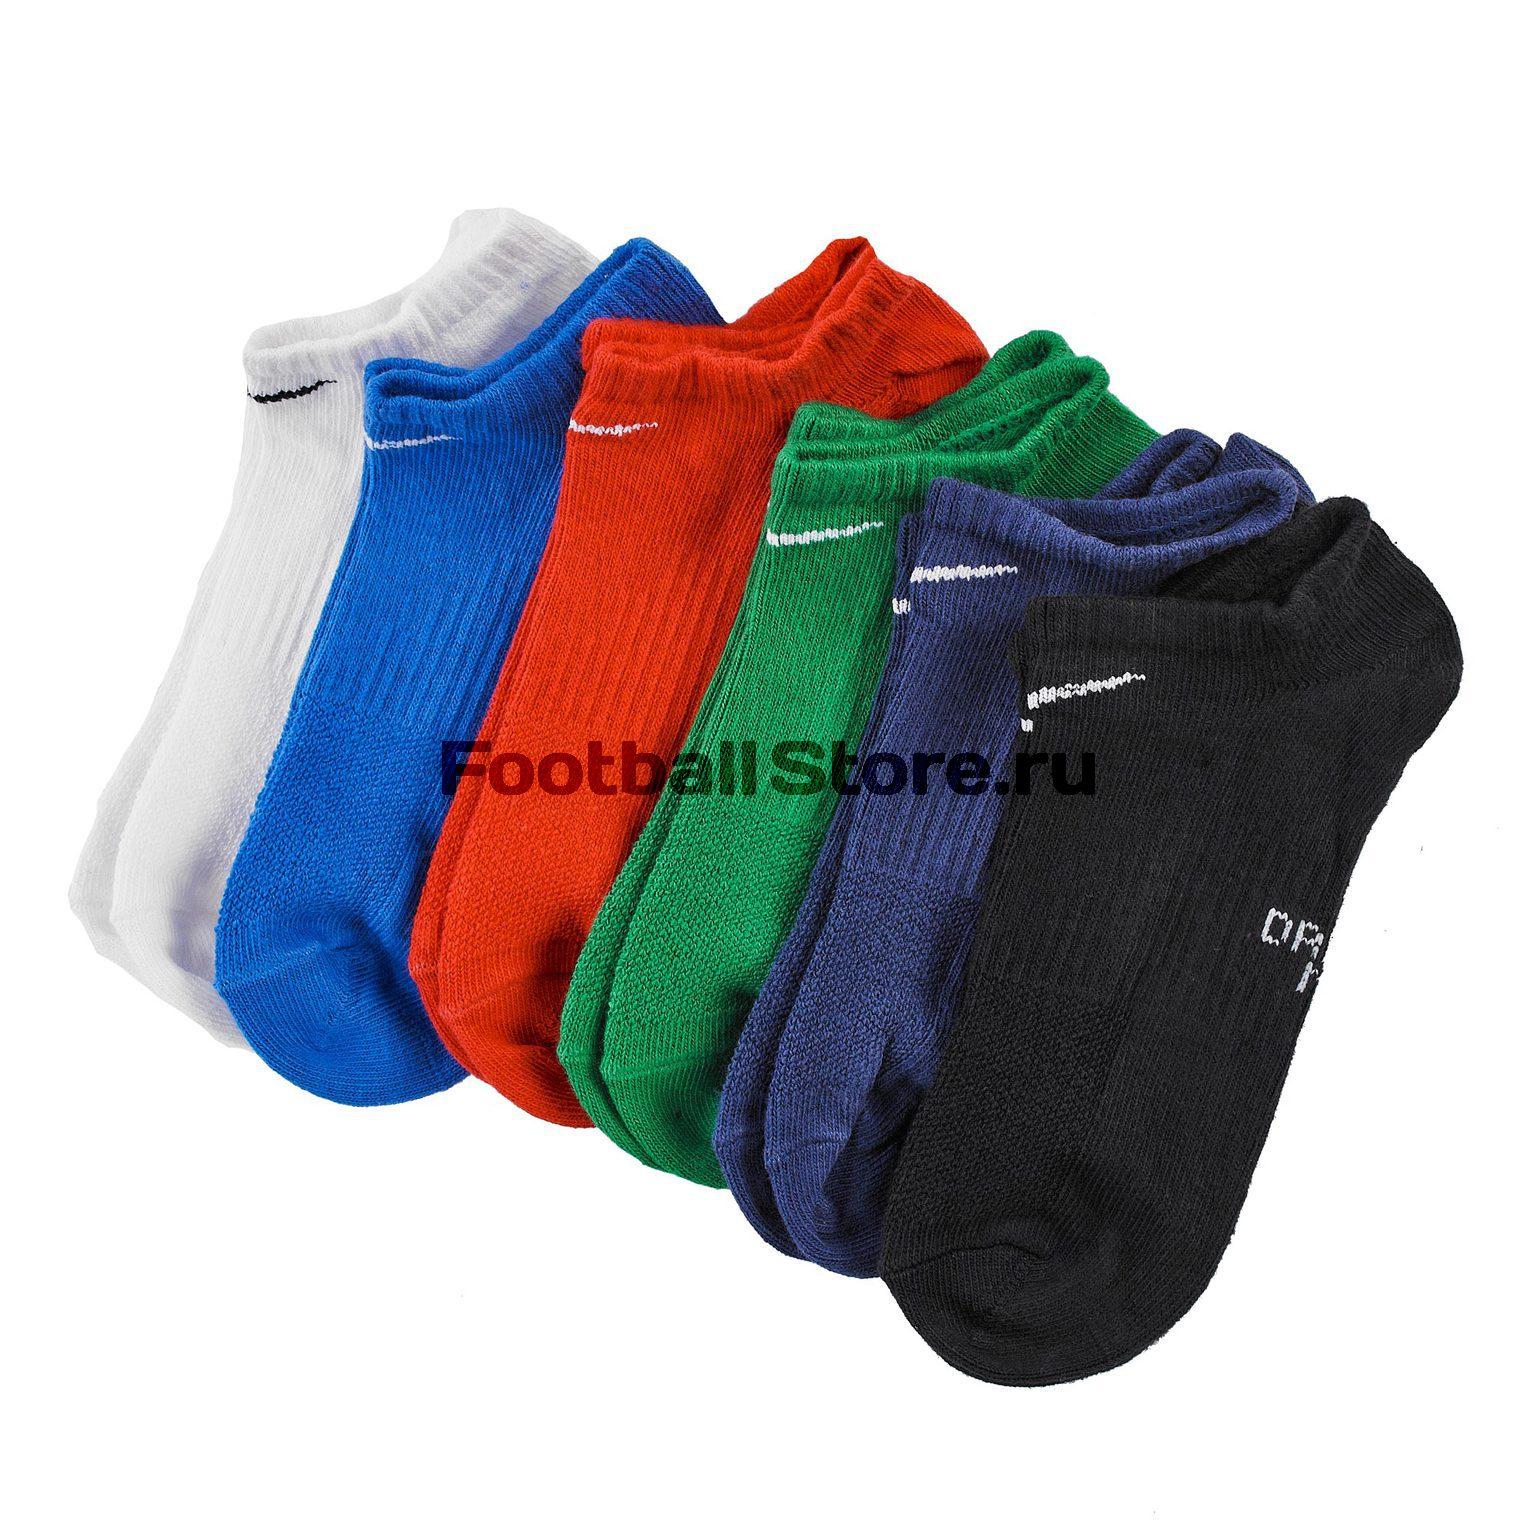 Фото Комплект носков (6 пар) Nike SX6870-964